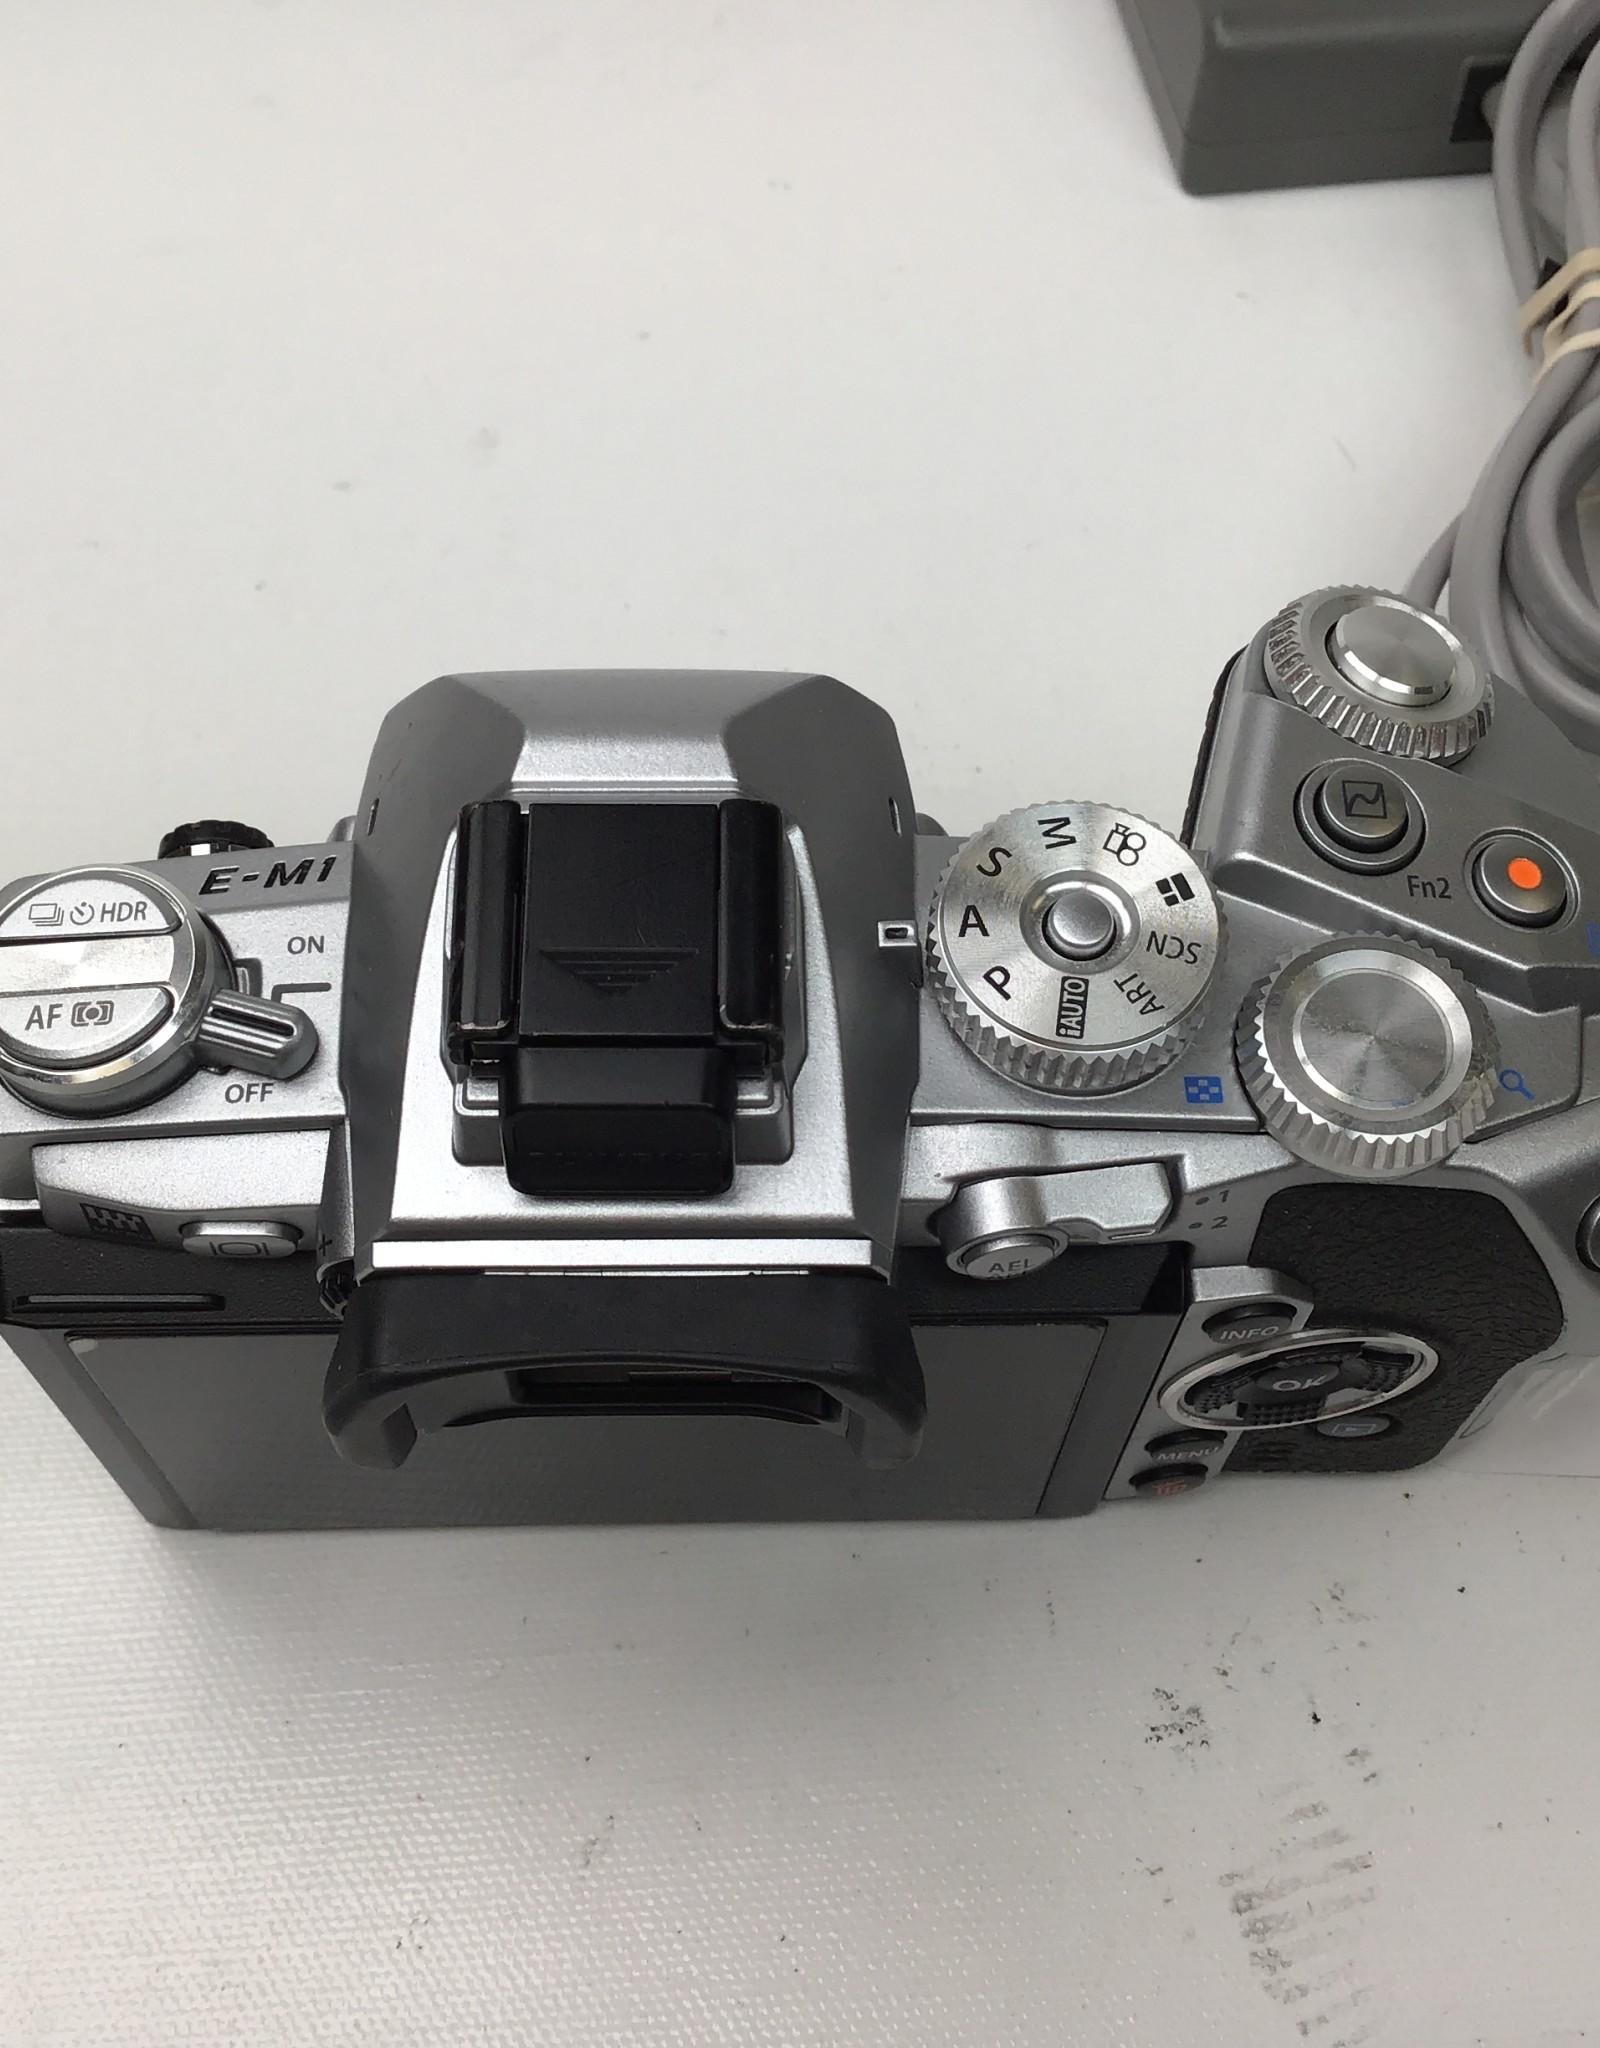 OLYMPUS Olympus OM-D E-M1 Silver Camera Body Used Good